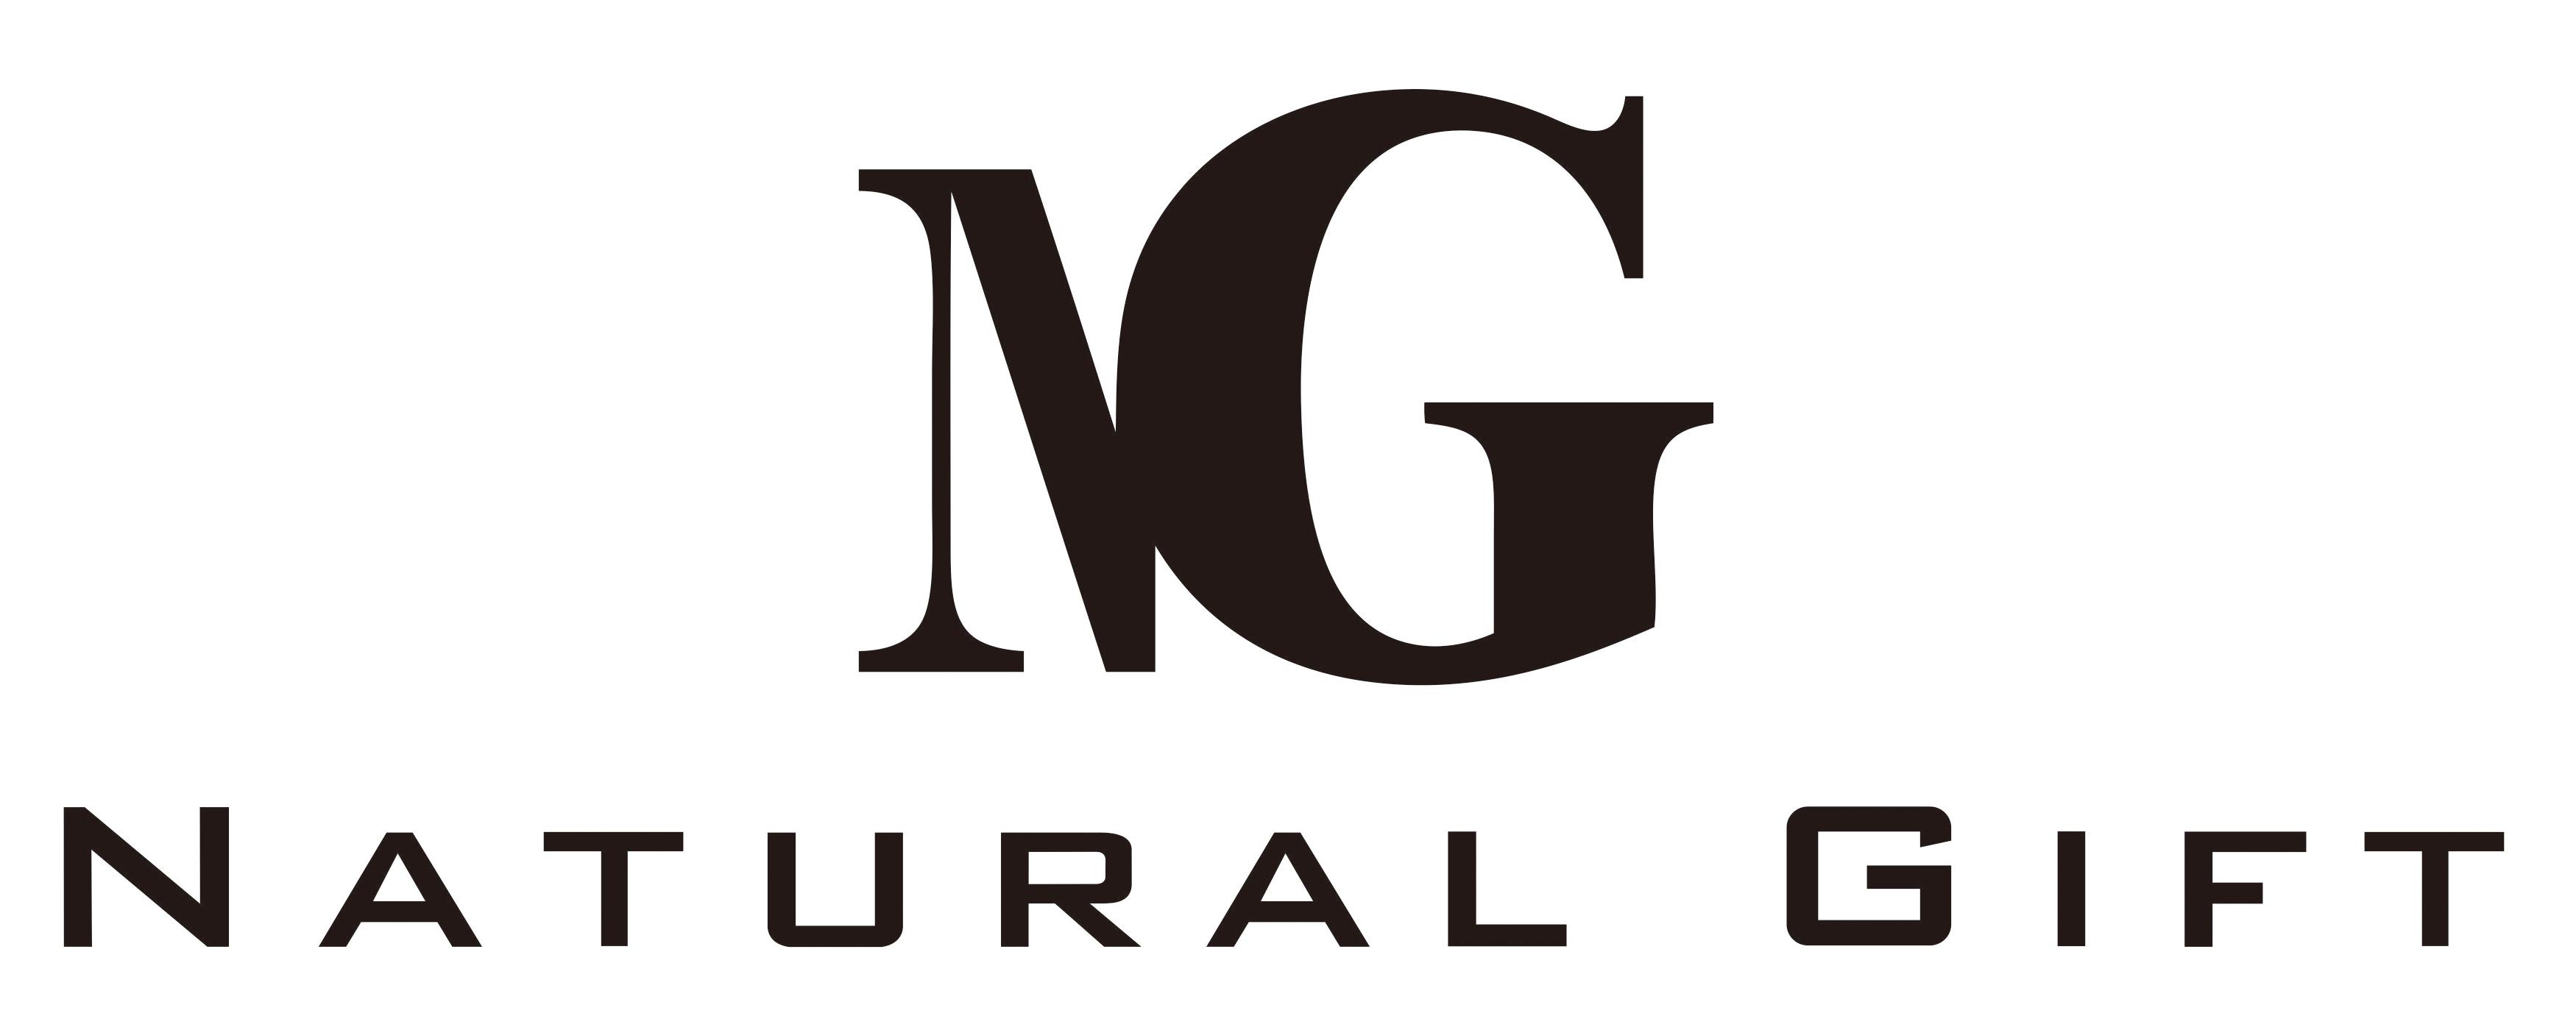 logo logo 标志 设计 矢量 矢量图 素材 图标 3500_1400